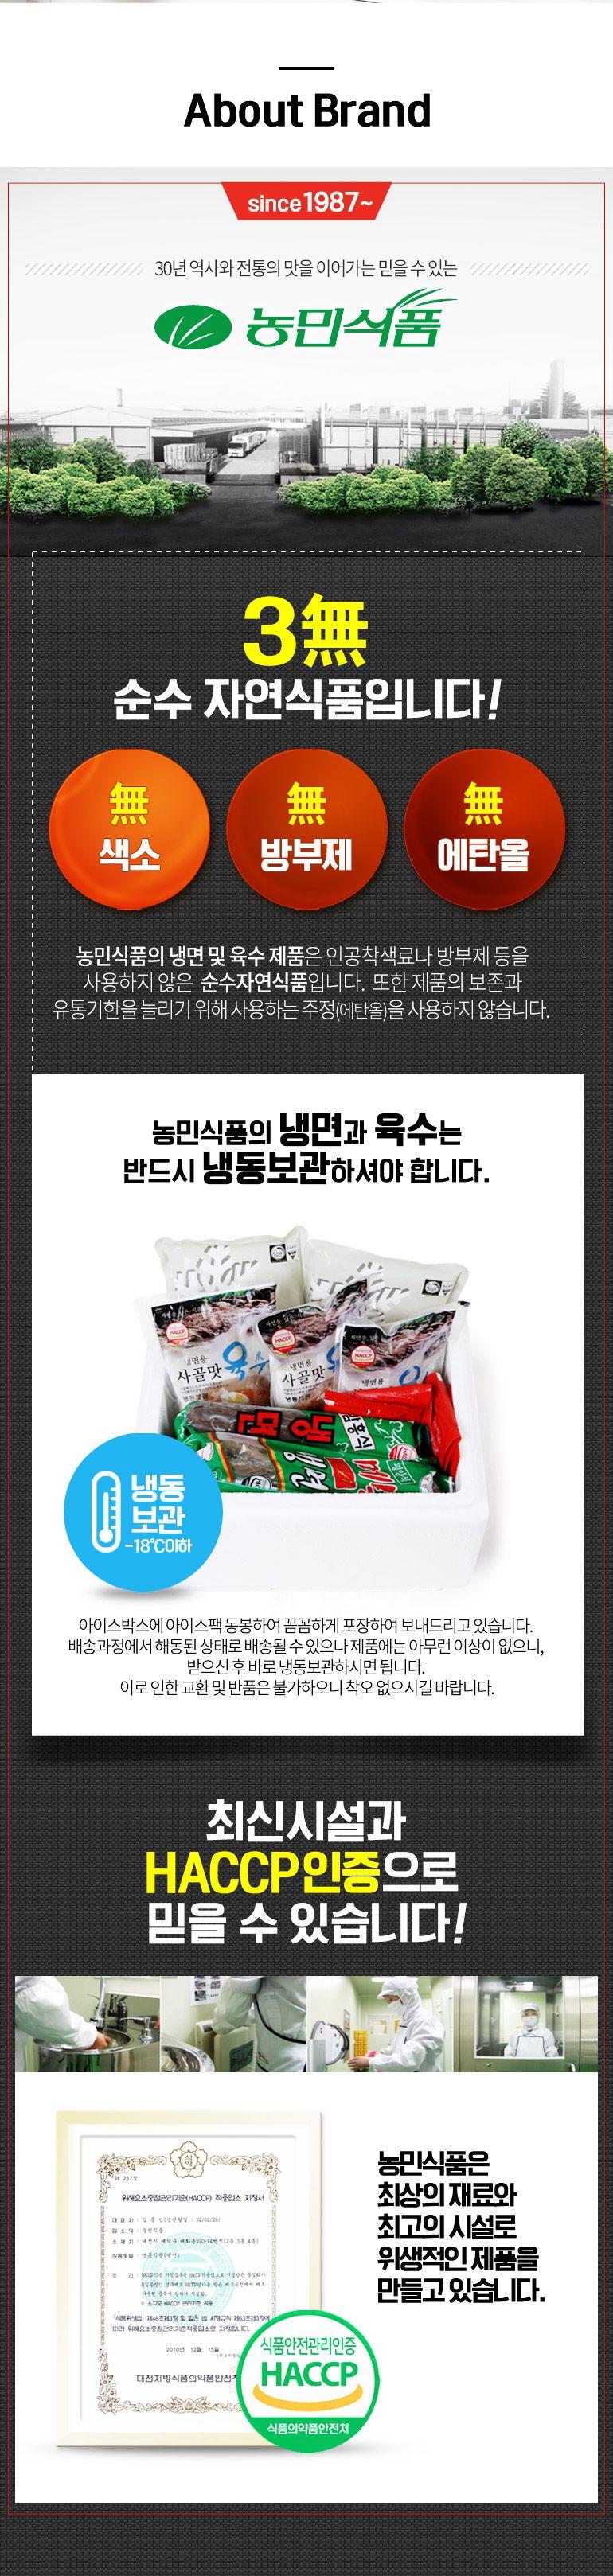 냉면_브랜드소개